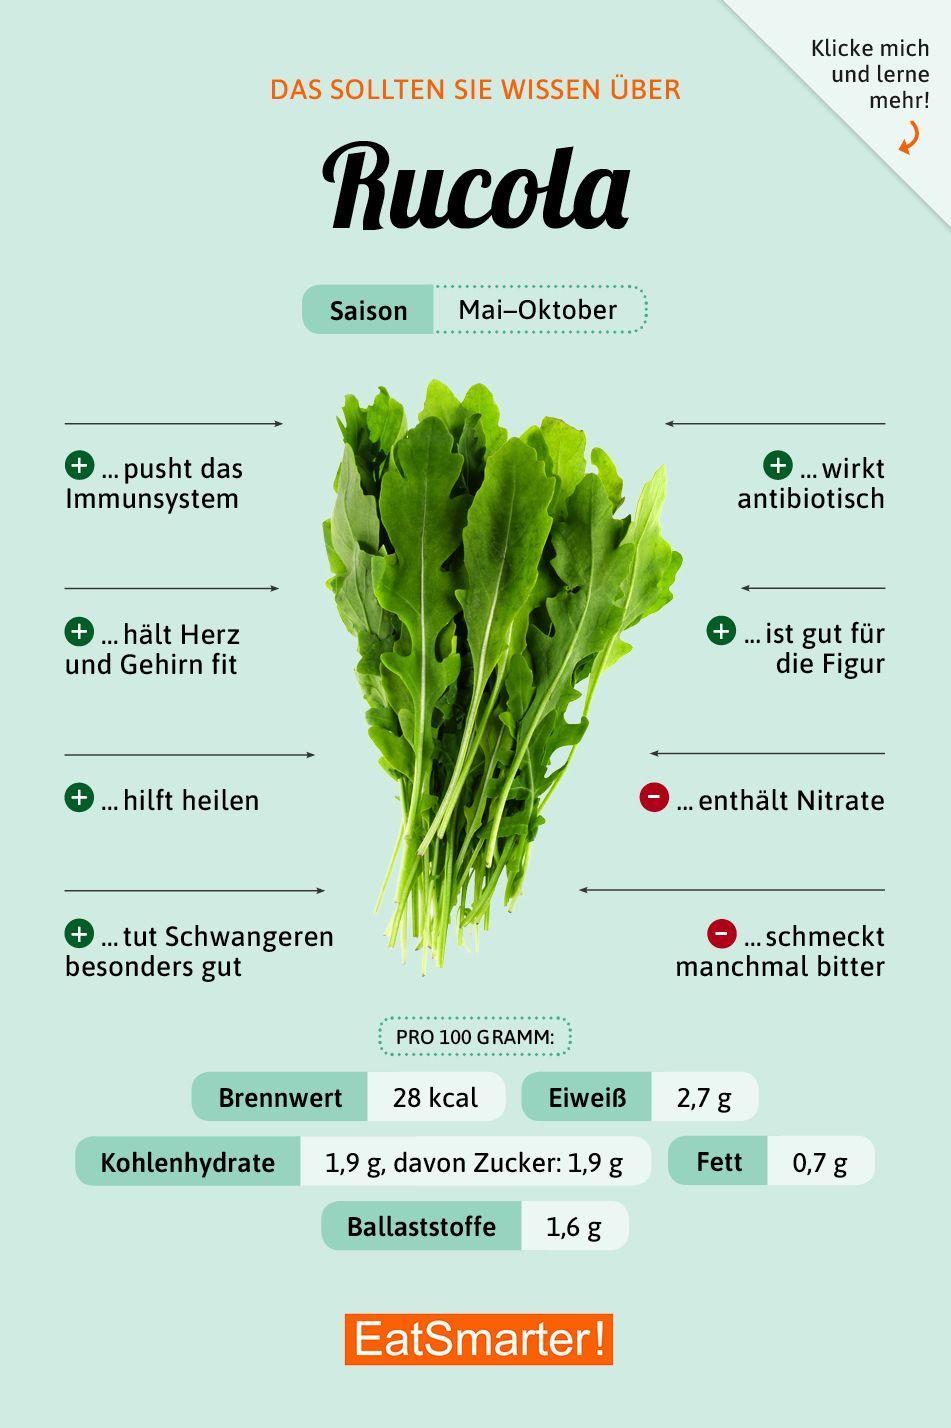 Das solltest du über Rucola wissen | eatsmarter.de #ernährung #infografik #rucola #vitamins